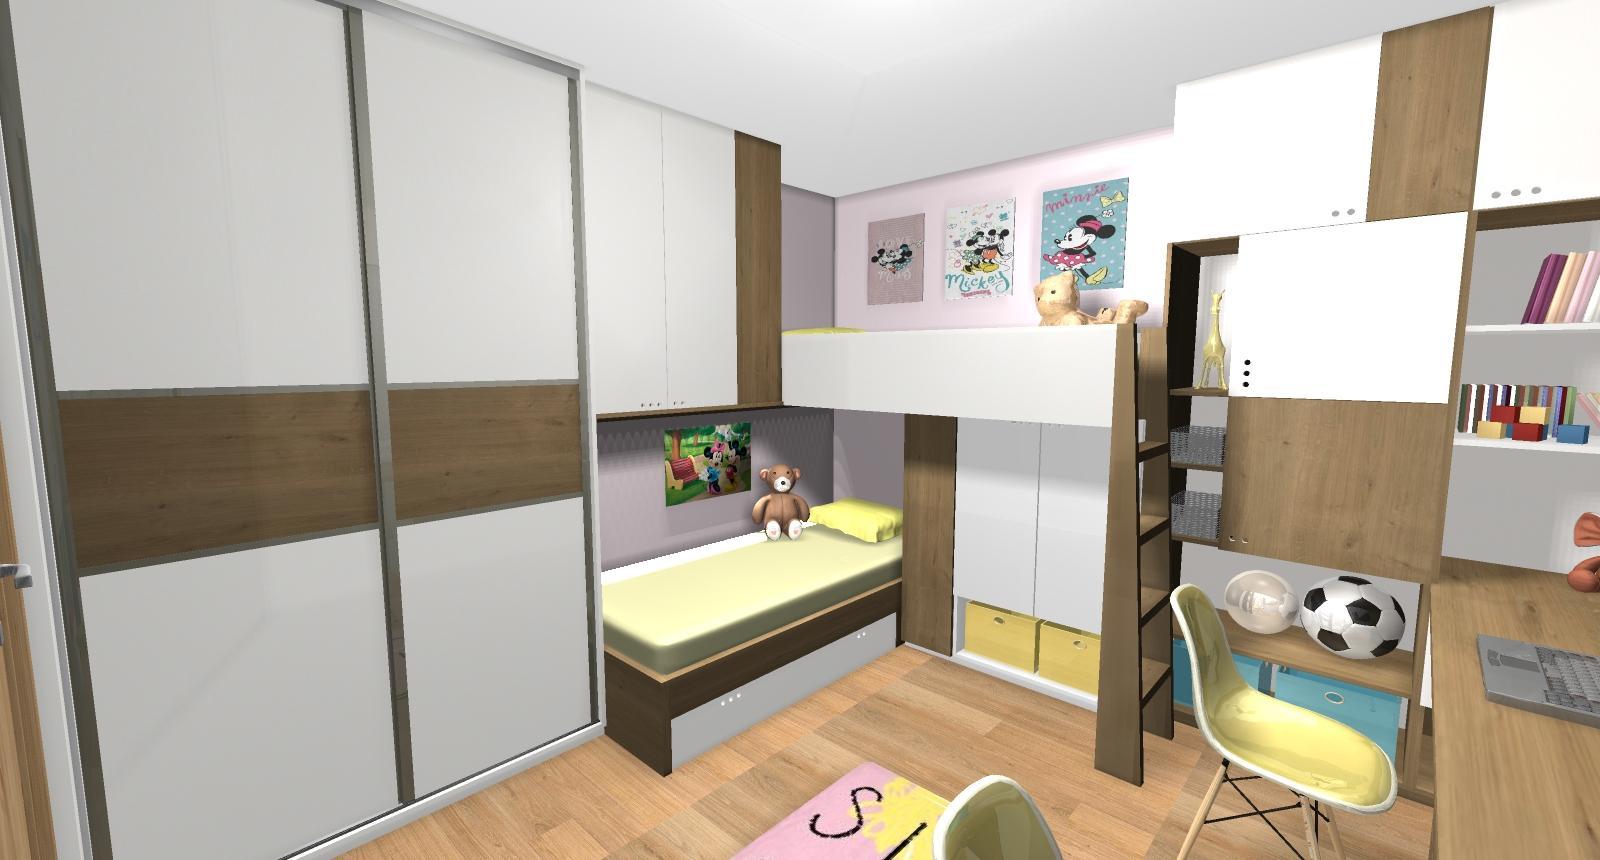 Grafické návrhy interiér 2019 - Grafický návrh detskej izby pre dve dievčatká - verzia 2 - obr.1